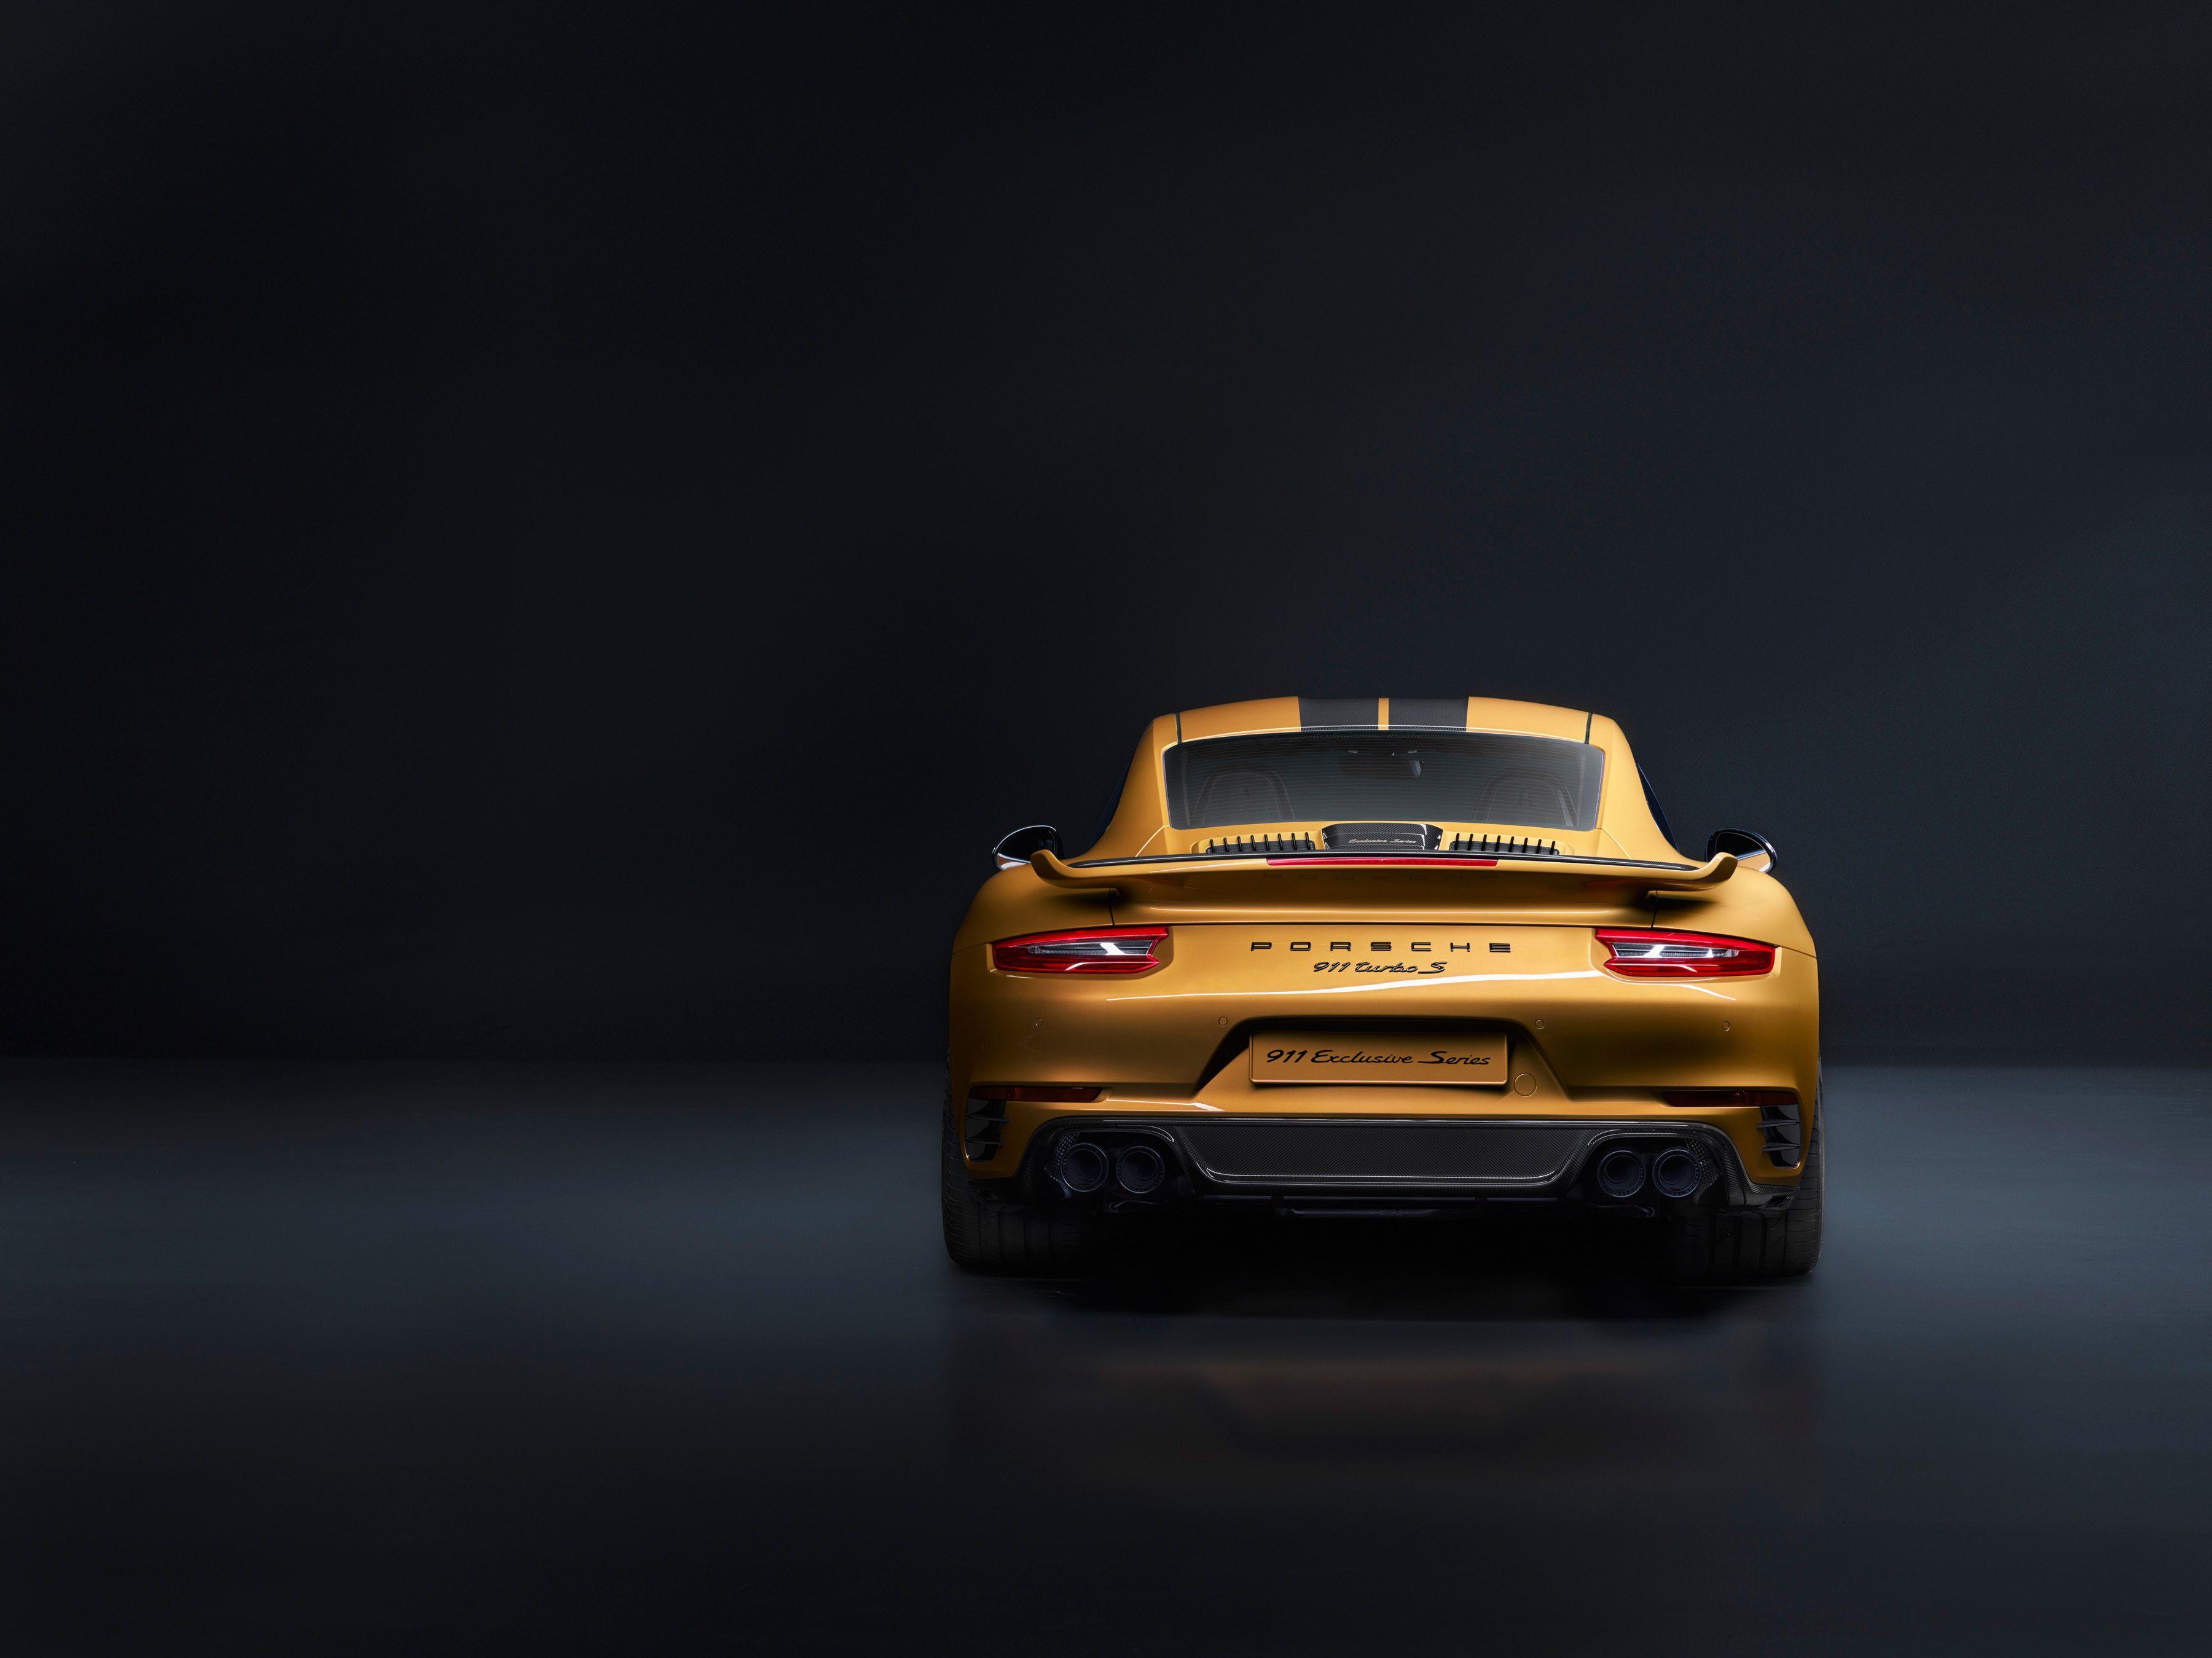 Porsche Wallpapers Top Free Porsche Backgrounds Wallpaperaccess